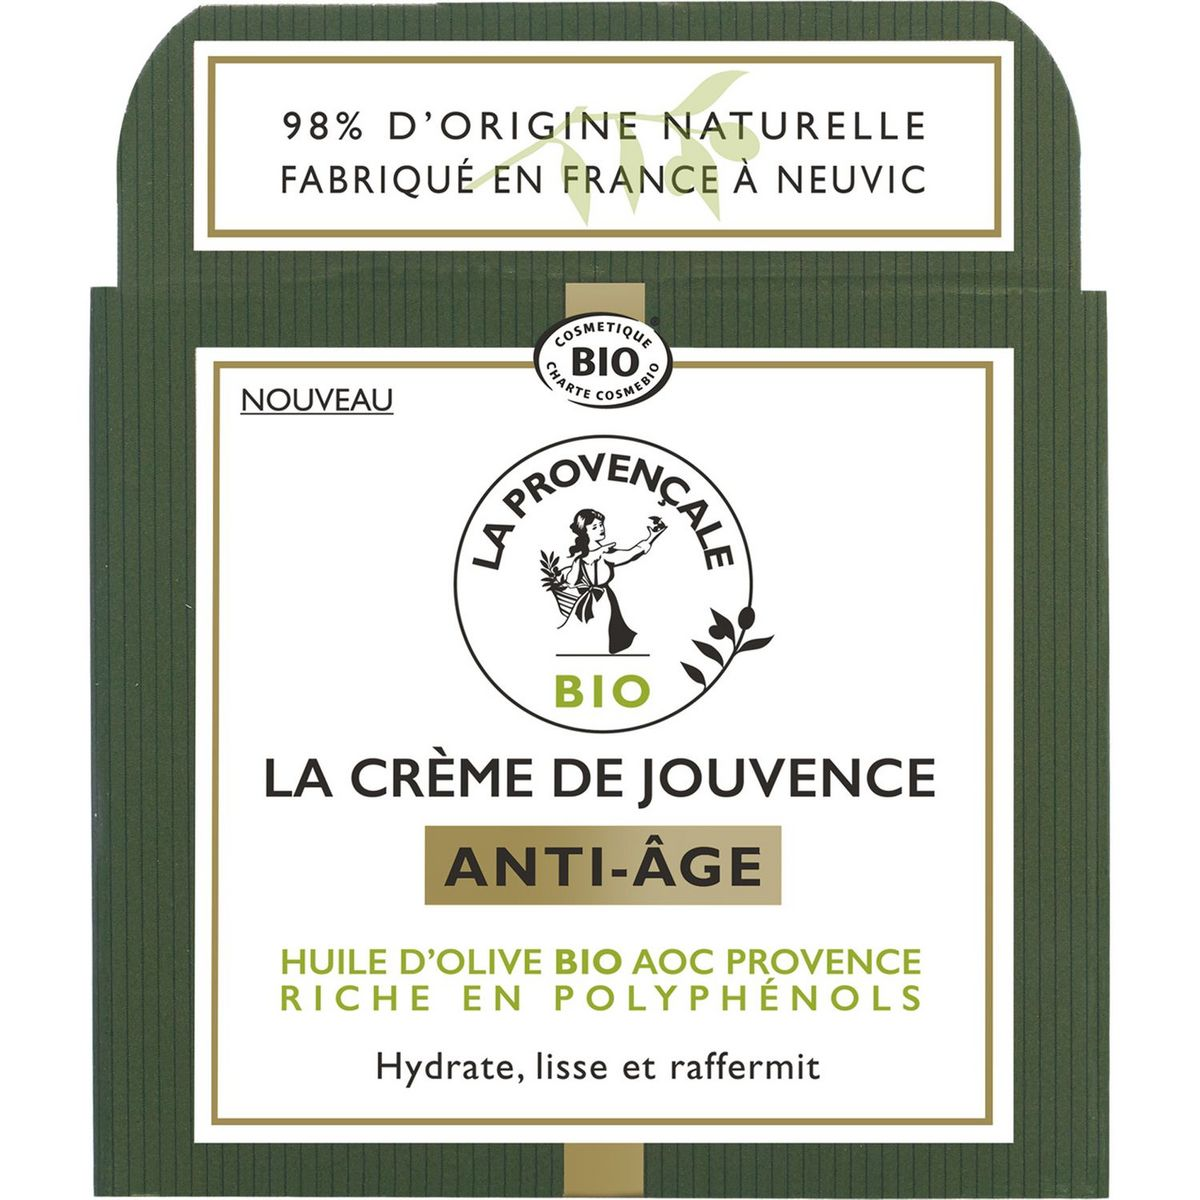 La Provençale Bio Crème de jouvence anti-âge nuit huile d'olive bio 50ml